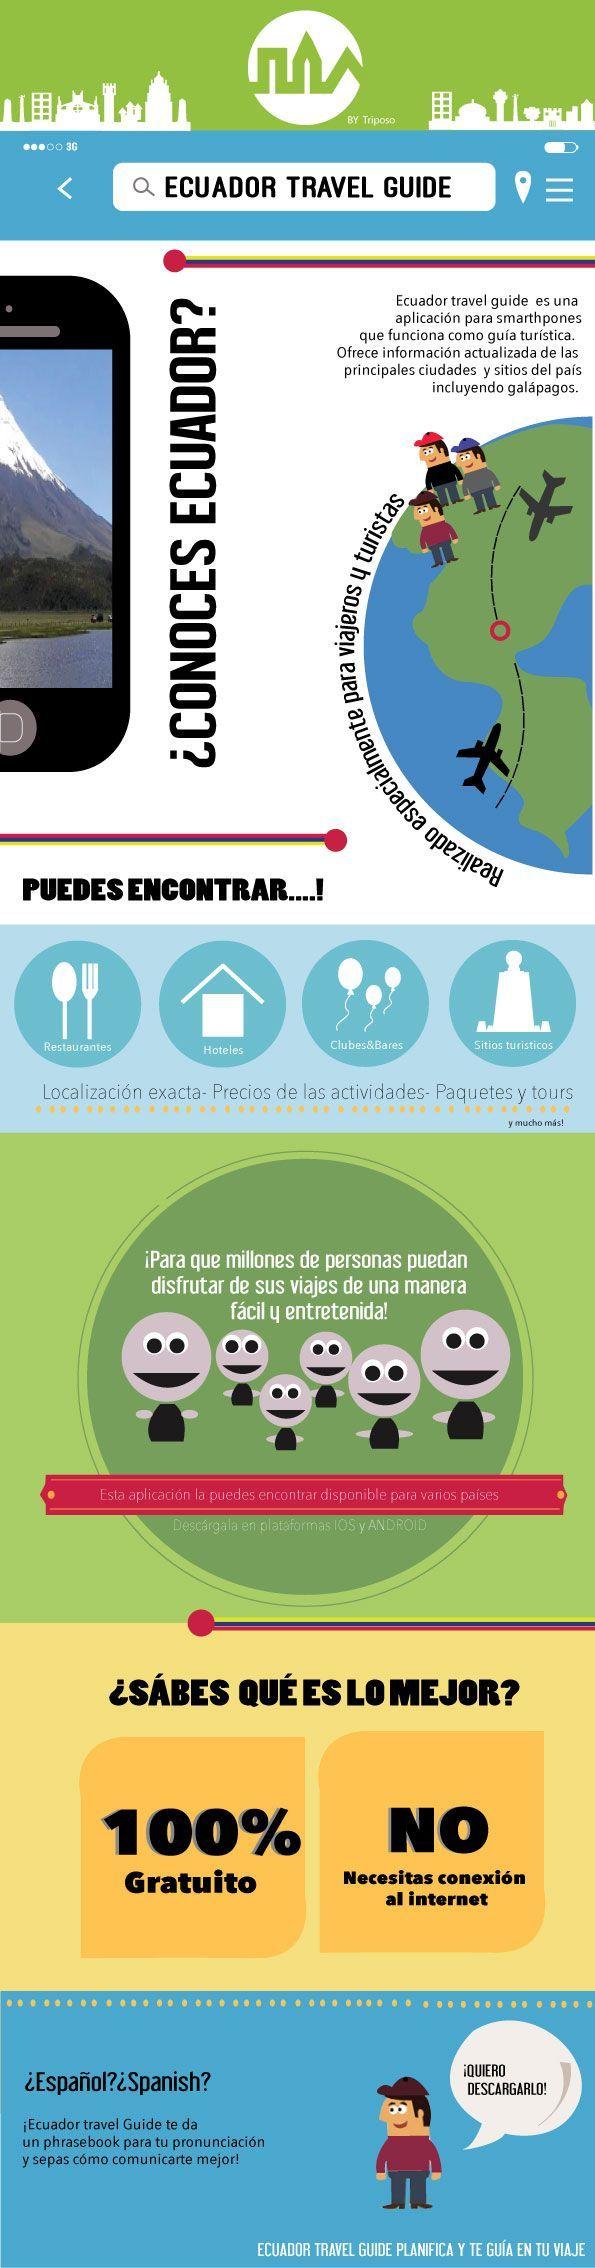 Análisis de APP Ecuador Travel Guide. By Andrea Sánchez